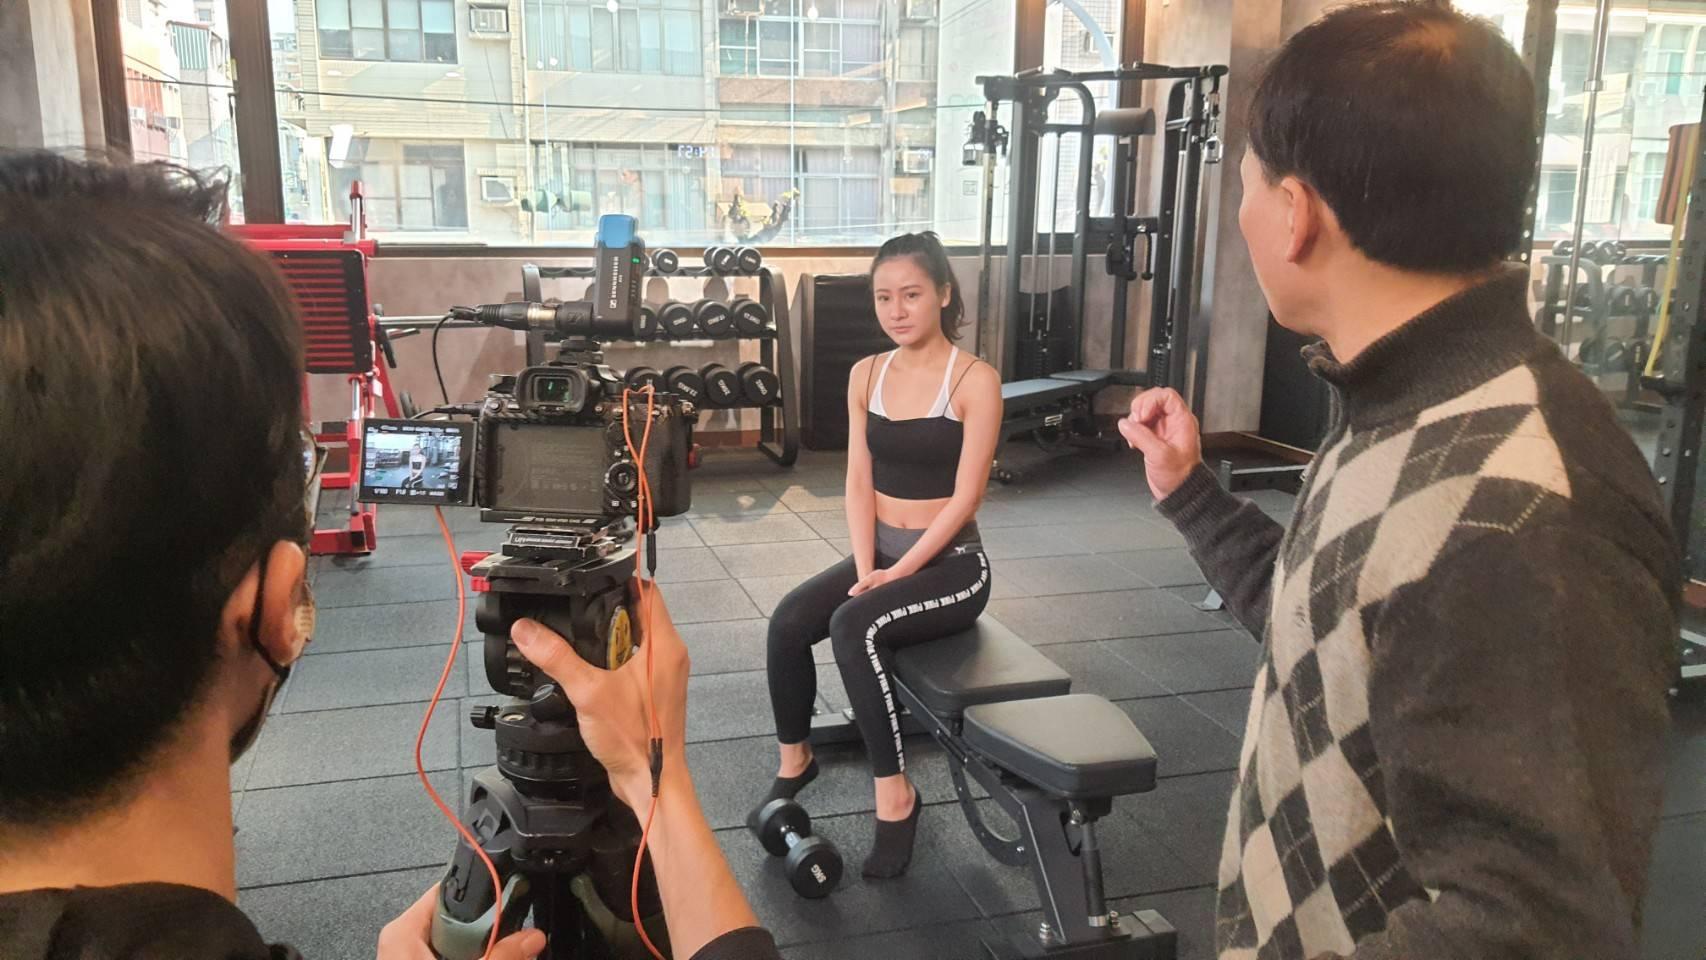 星澤國際-讓世界都看見-電視專訪節目-敖馳-ARS皮膚管理健身中心-游祈盛與楊含容監督製作